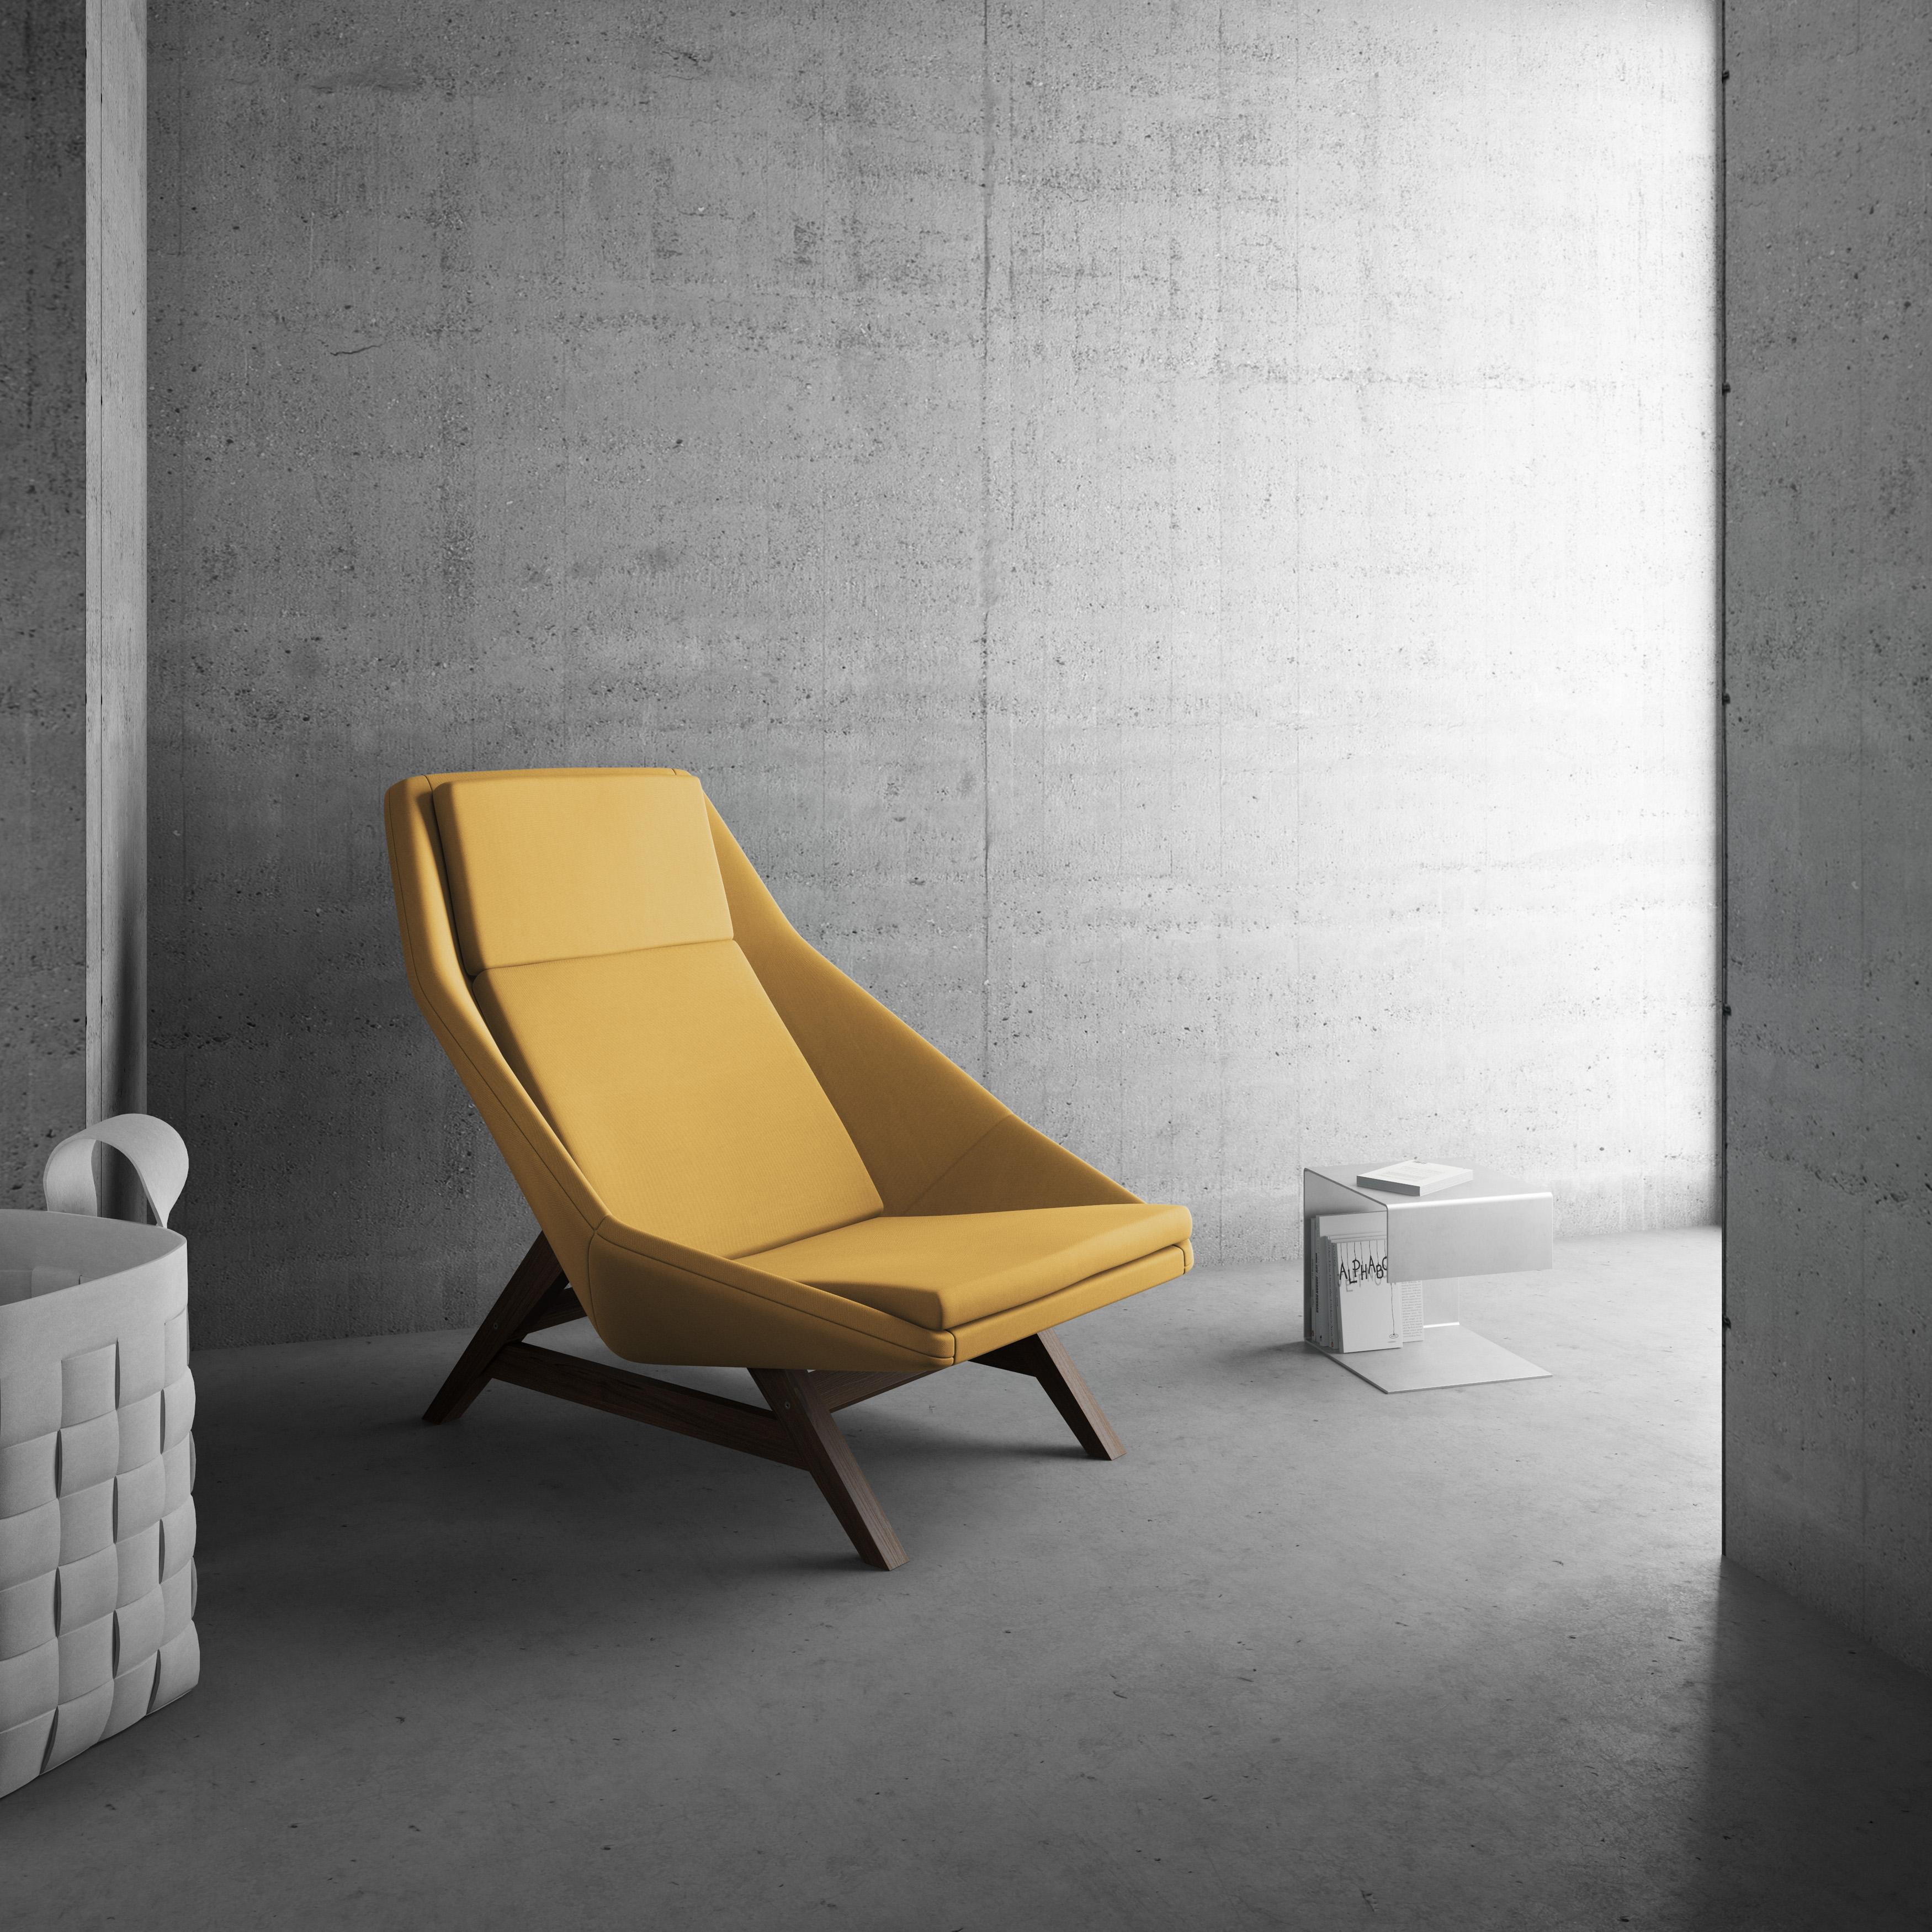 Fotel_MITO_Fotel do wypoczynku. Jest duży i bardzo komfortowy. Jego kształt przyciąga uwagę.Żółty.